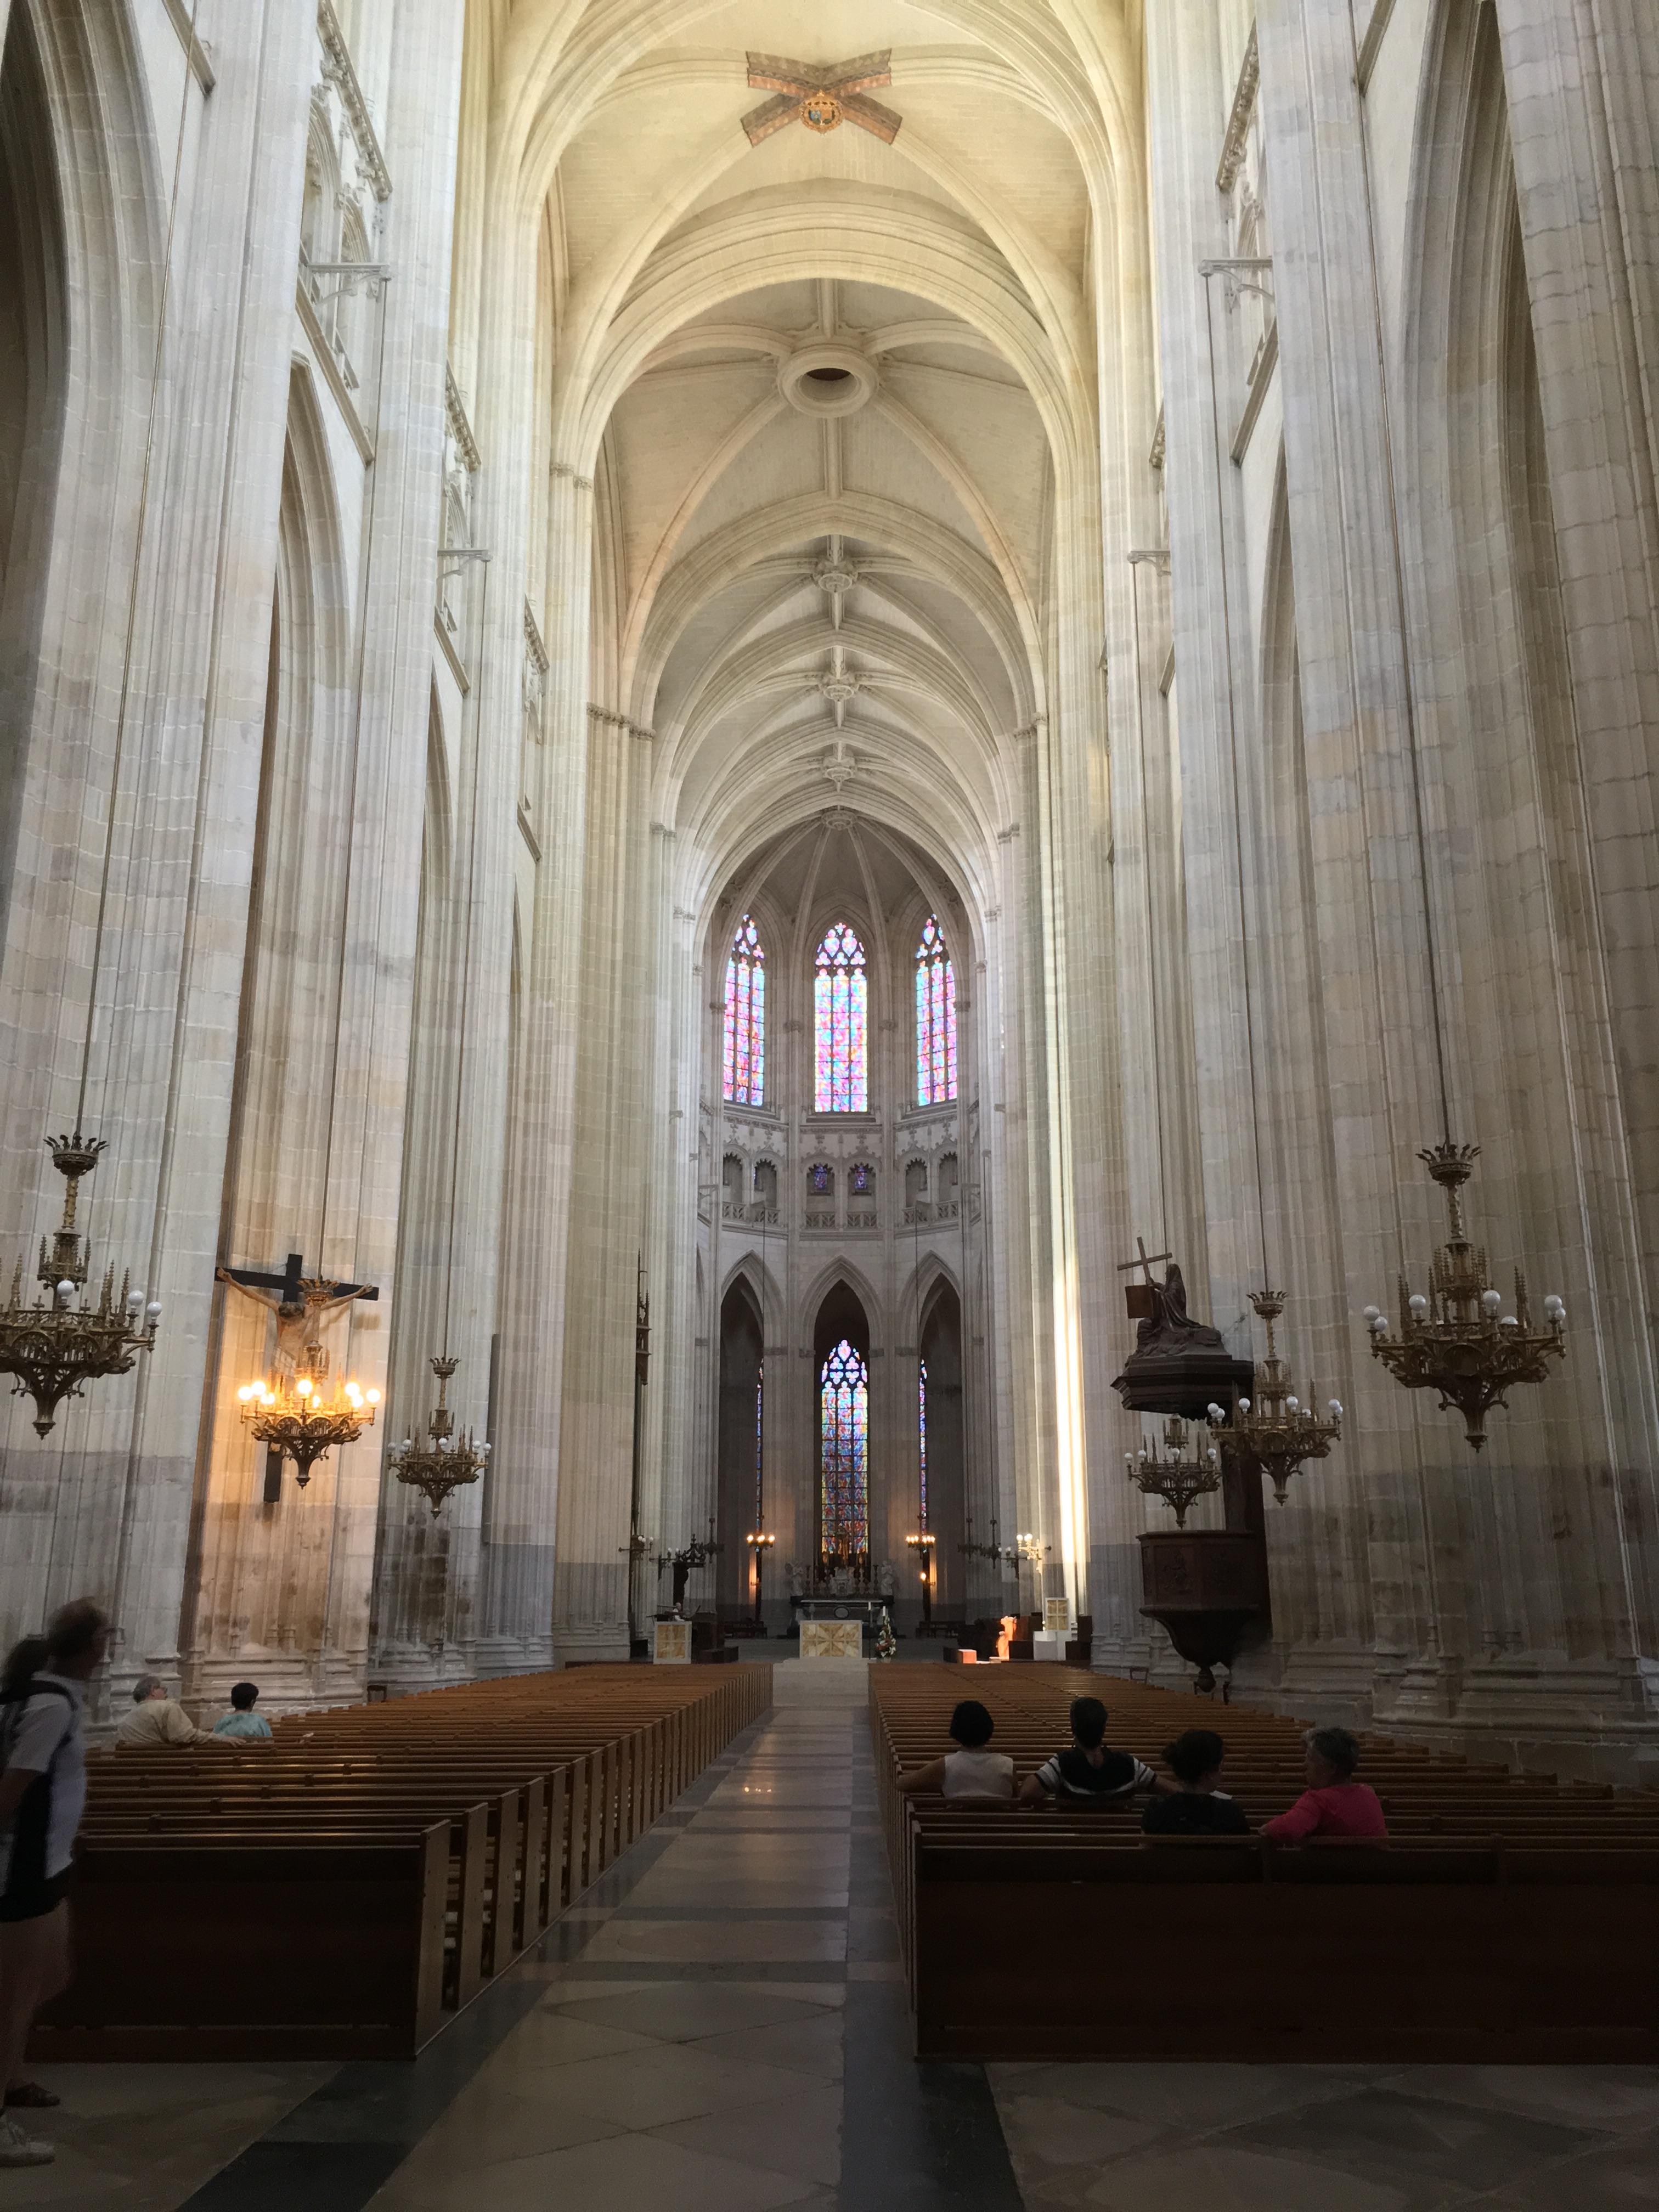 Nantes cathedral - Album on Imgur